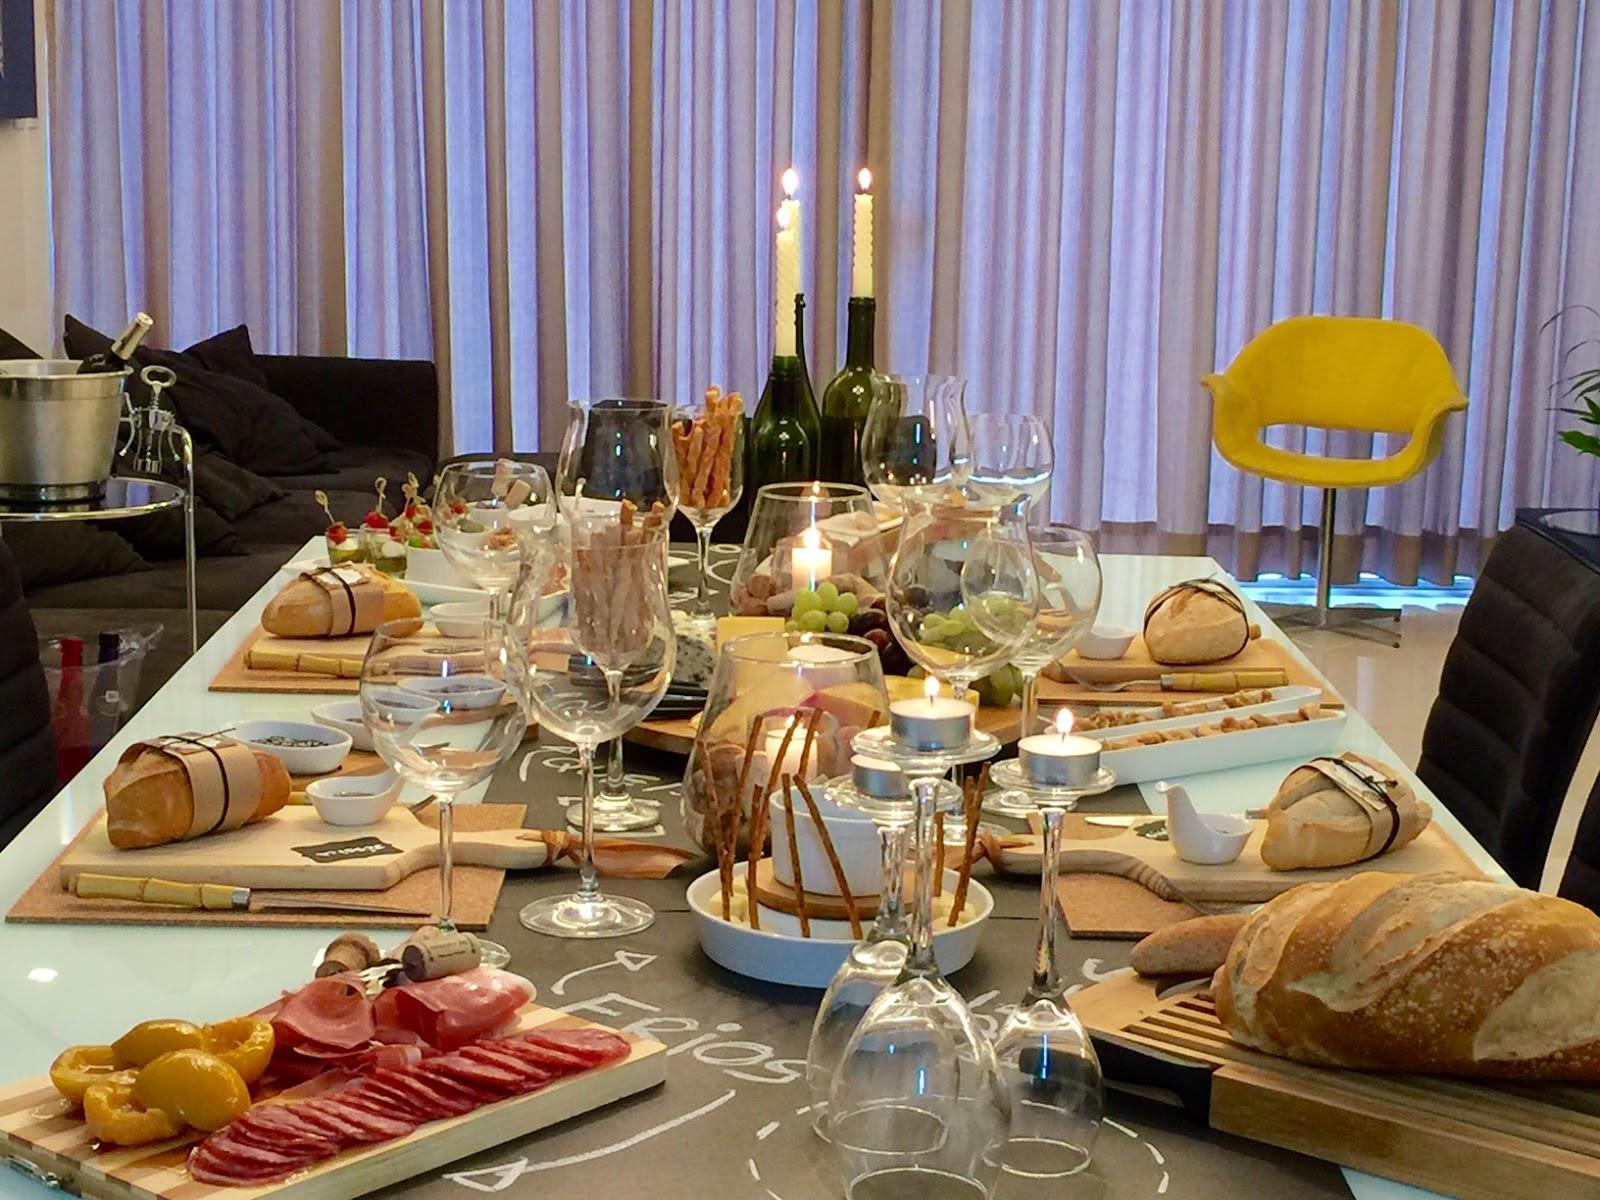 c350f26bd3 Que tal uma mesa de inverno bem criativa para você receber os amigos em casa   Bem no estilo DIY (do it yourself)